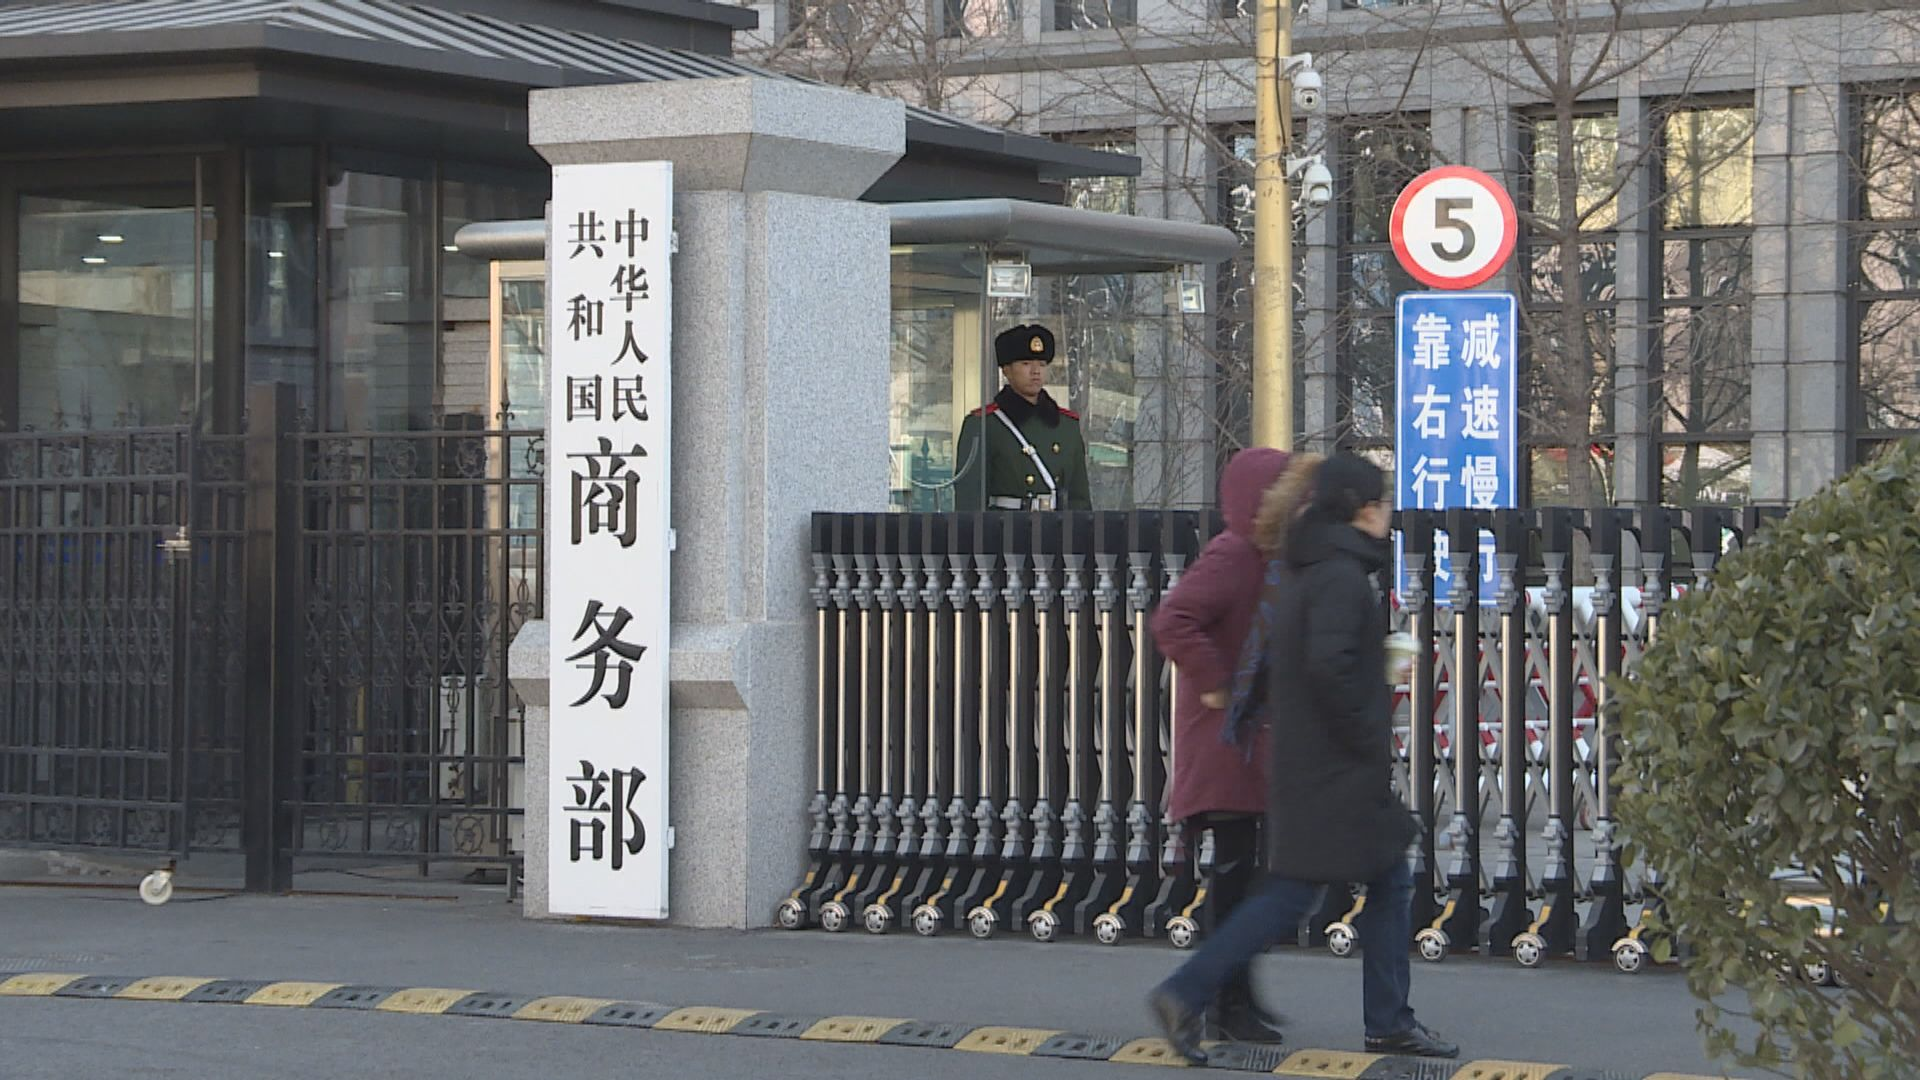 美英外長商5G網絡問題 中批英禁用華為背棄自由貿易